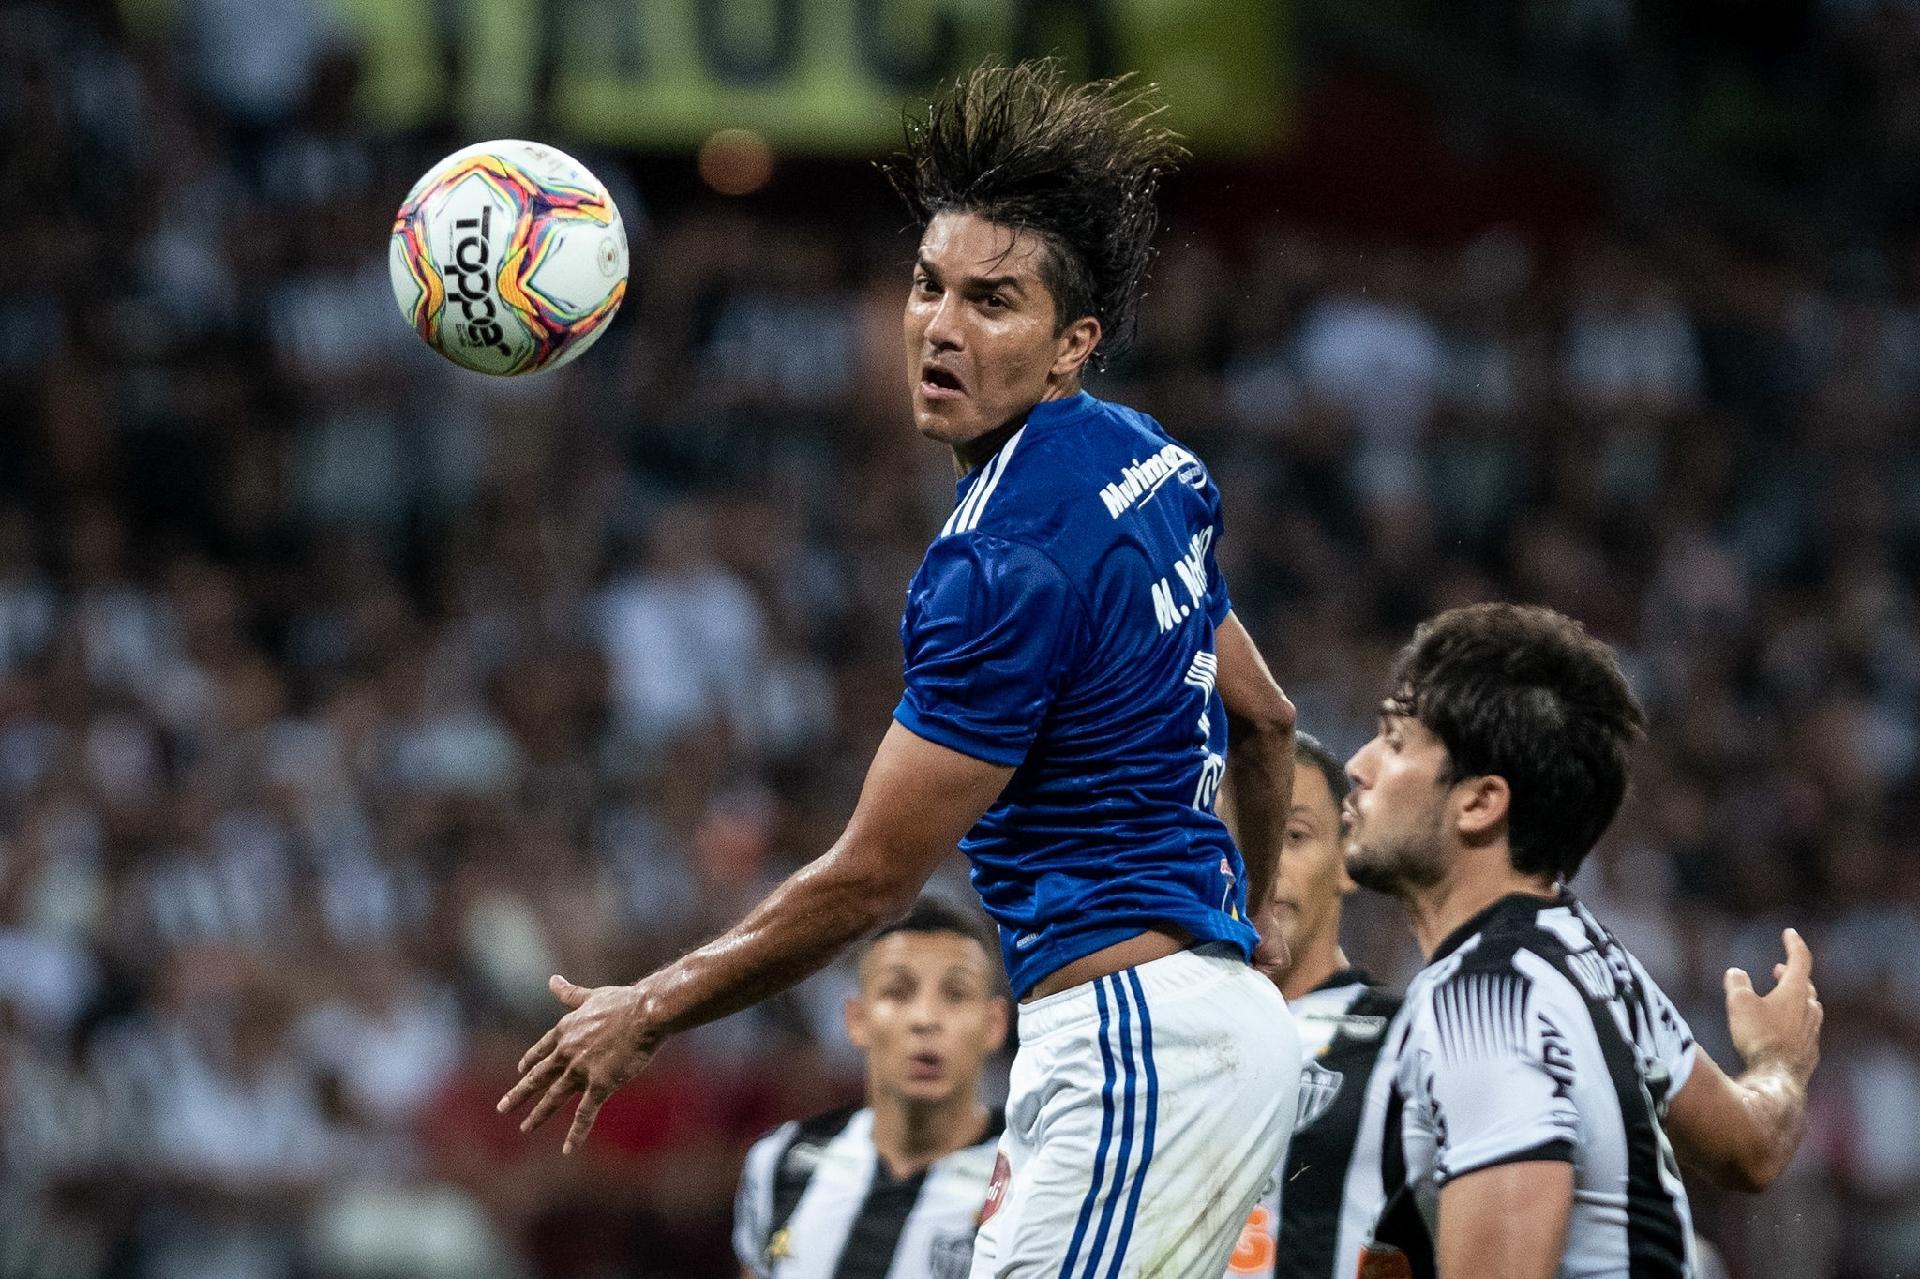 Tensao Expectativa E Torcidas Mobilizadas Marcam Cruzeiro X Atletico